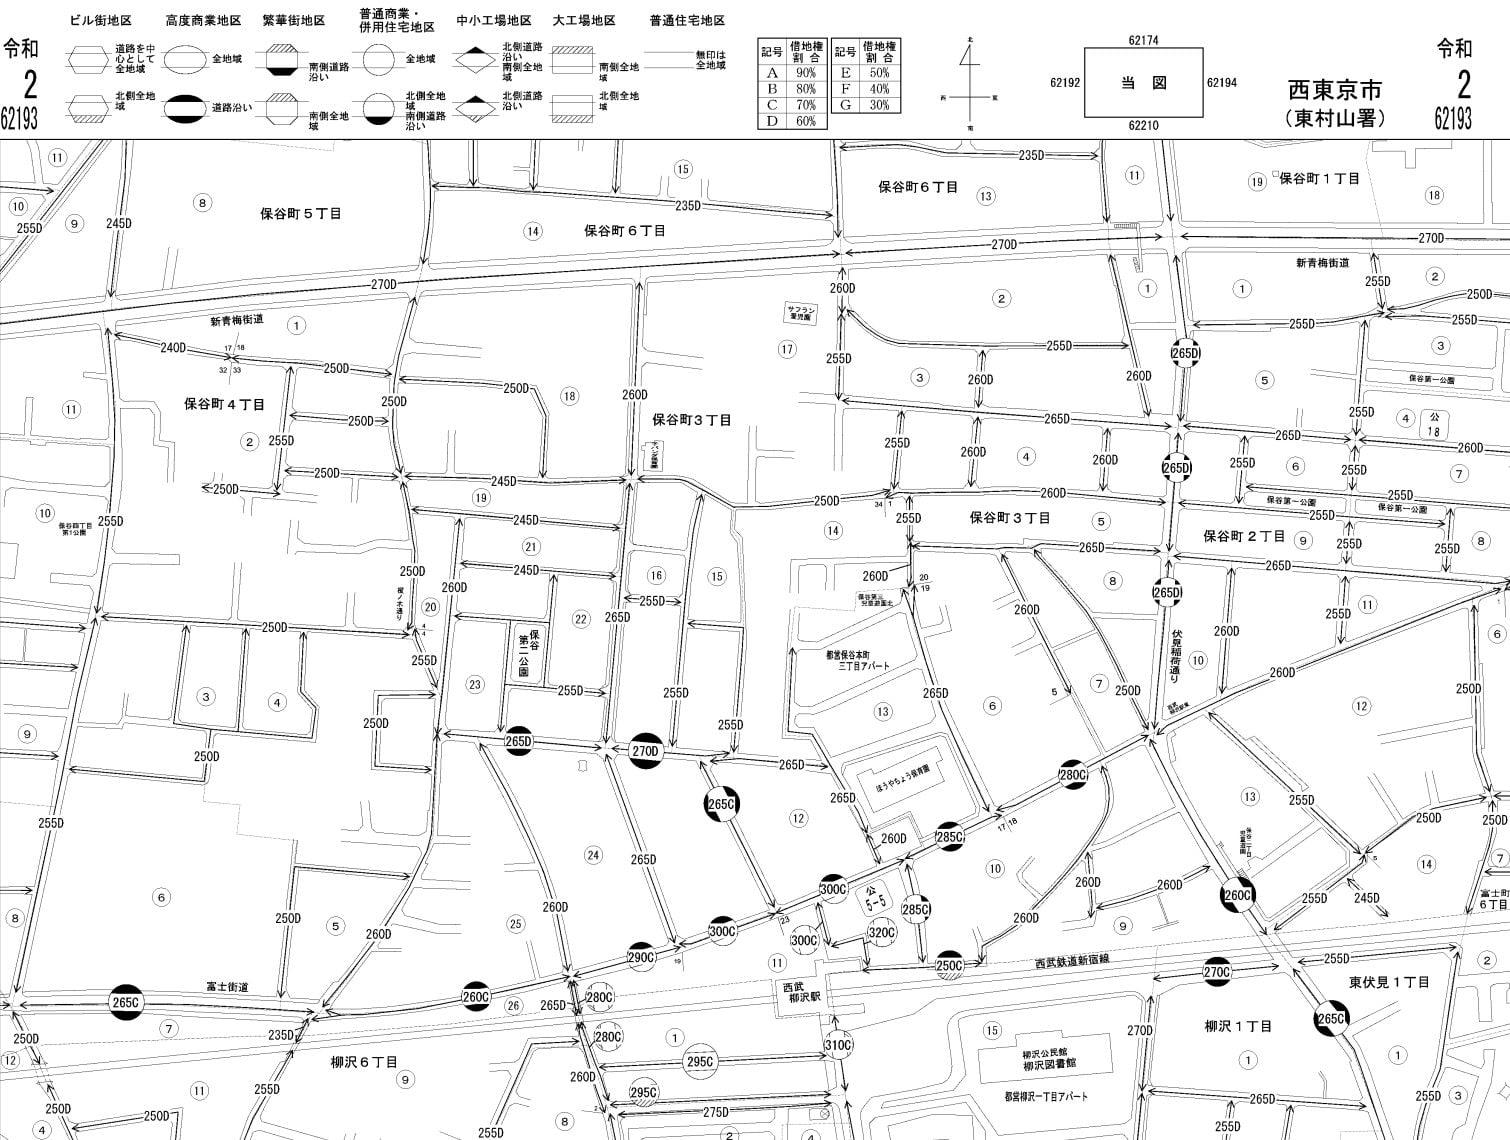 西東京市の路線価図